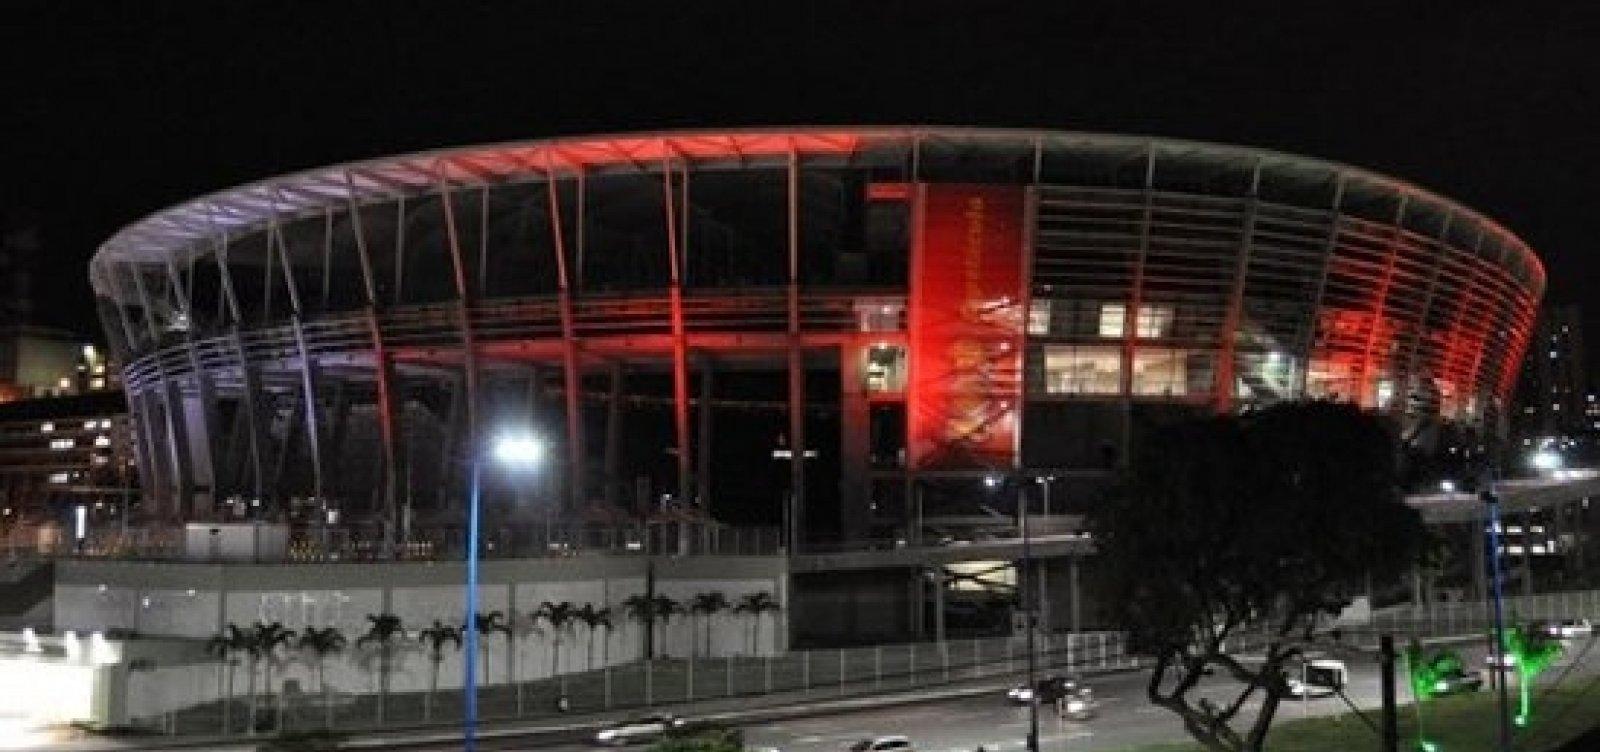 [Ingressos para primeiro jogo do Vitória com mando de campo na Fonte já estão à venda]